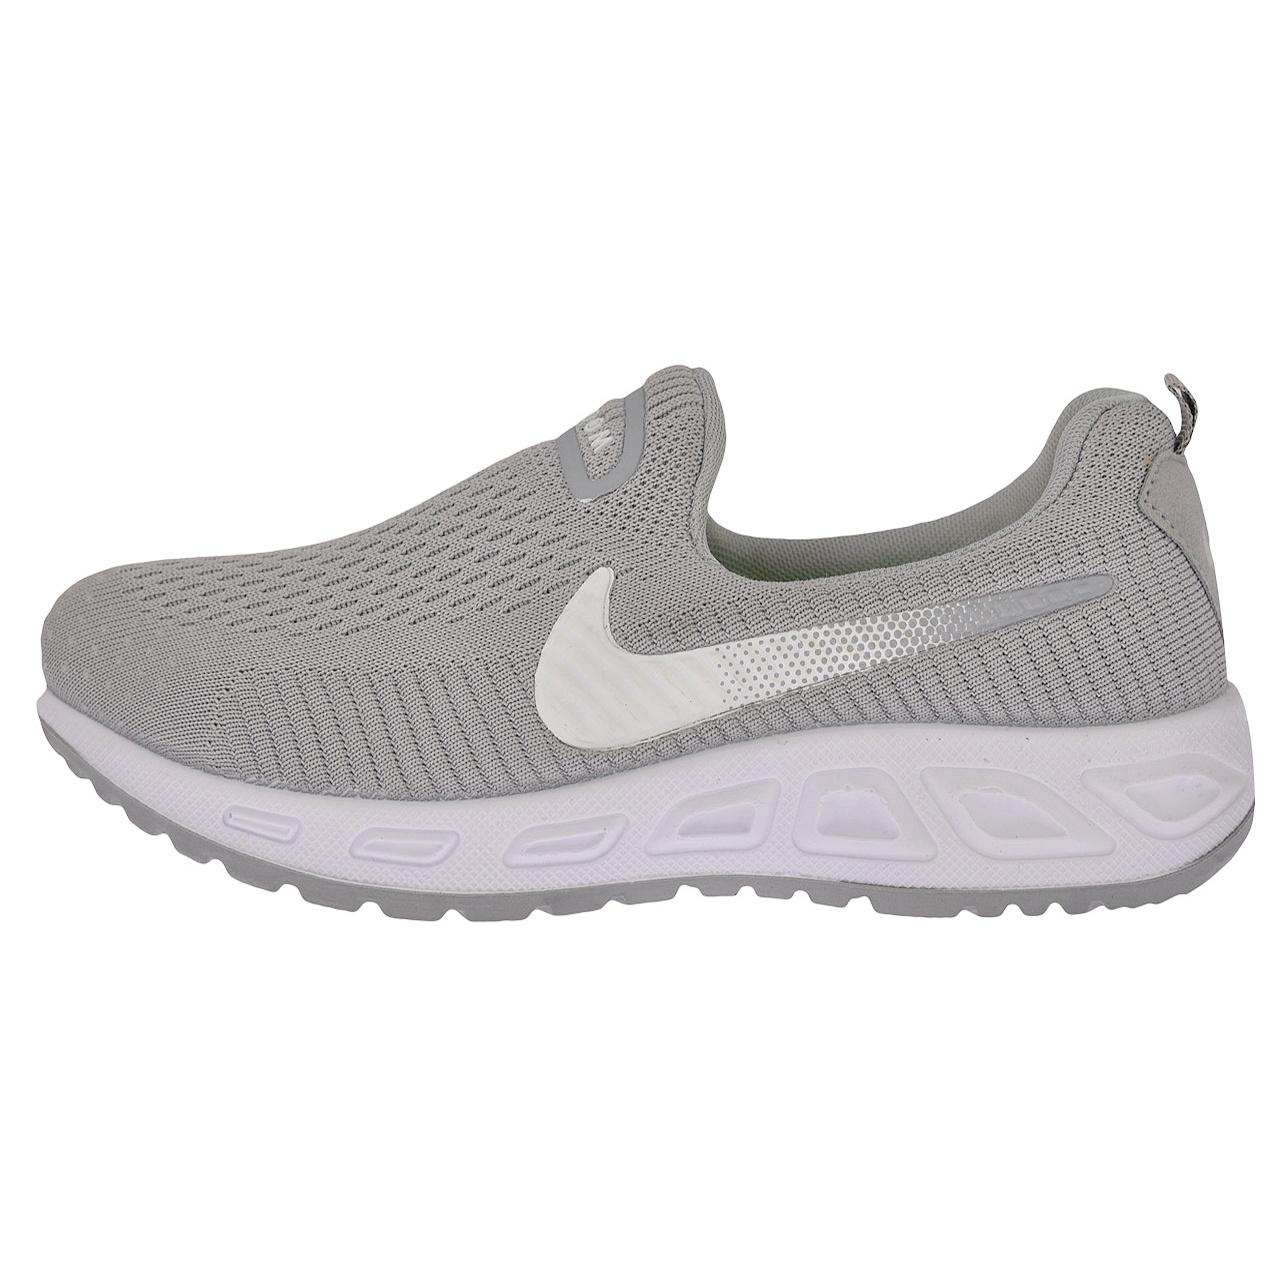 کفش ورزشی مخصوص پیاده روی زنانه کد 351002515